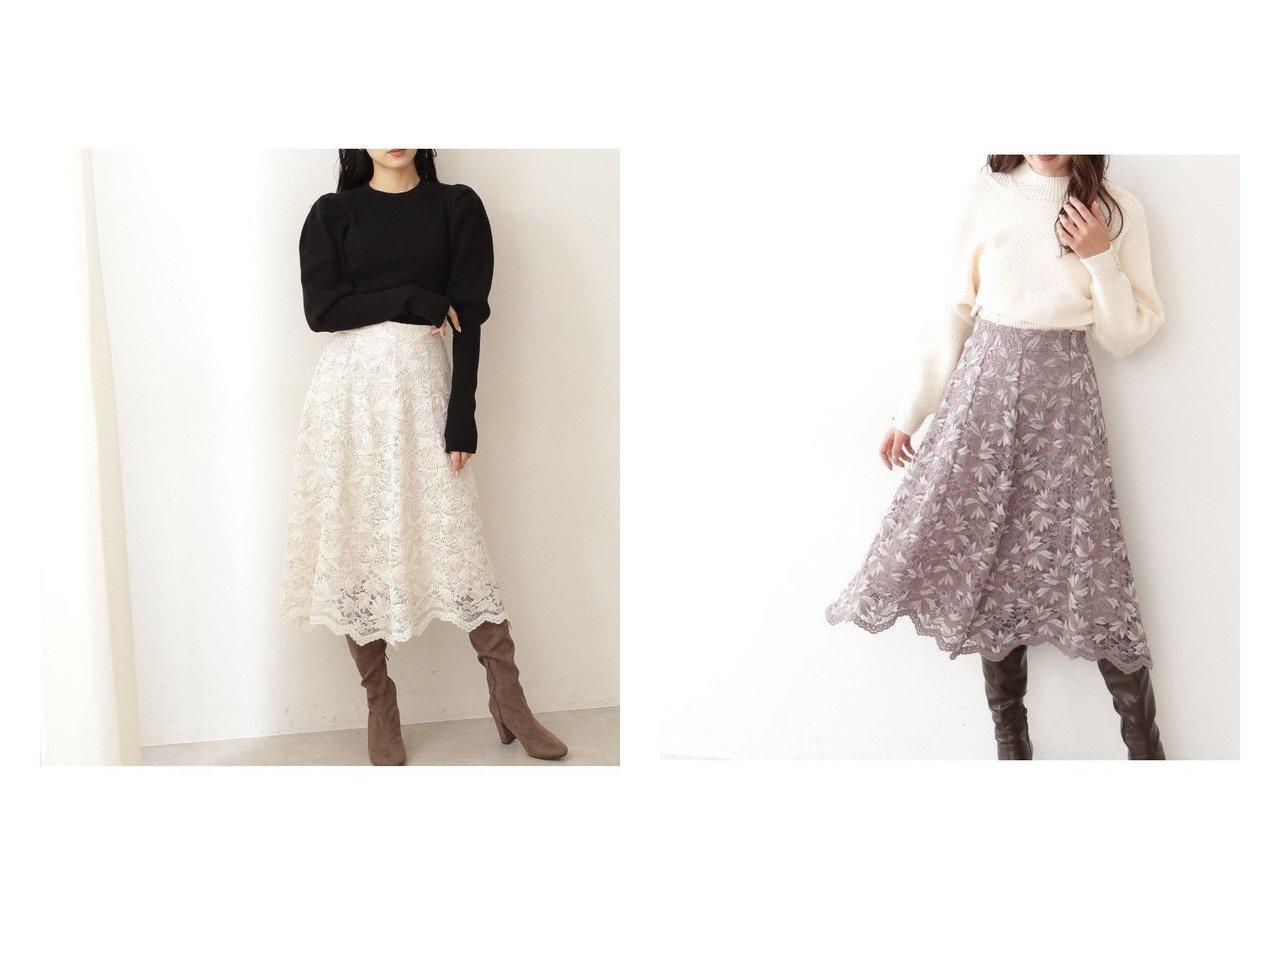 【JILL by JILLSTUART/ジルバイジルスチュアート】のイレヘムモールレーススカート 【スカート】おすすめ!人気、トレンド・レディースファッションの通販 おすすめで人気の流行・トレンド、ファッションの通販商品 インテリア・家具・メンズファッション・キッズファッション・レディースファッション・服の通販 founy(ファニー) https://founy.com/ ファッション Fashion レディースファッション WOMEN スカート Skirt NEW・新作・新着・新入荷 New Arrivals クラシカル フラワー レース 再入荷 Restock/Back in Stock/Re Arrival |ID:crp329100000071378